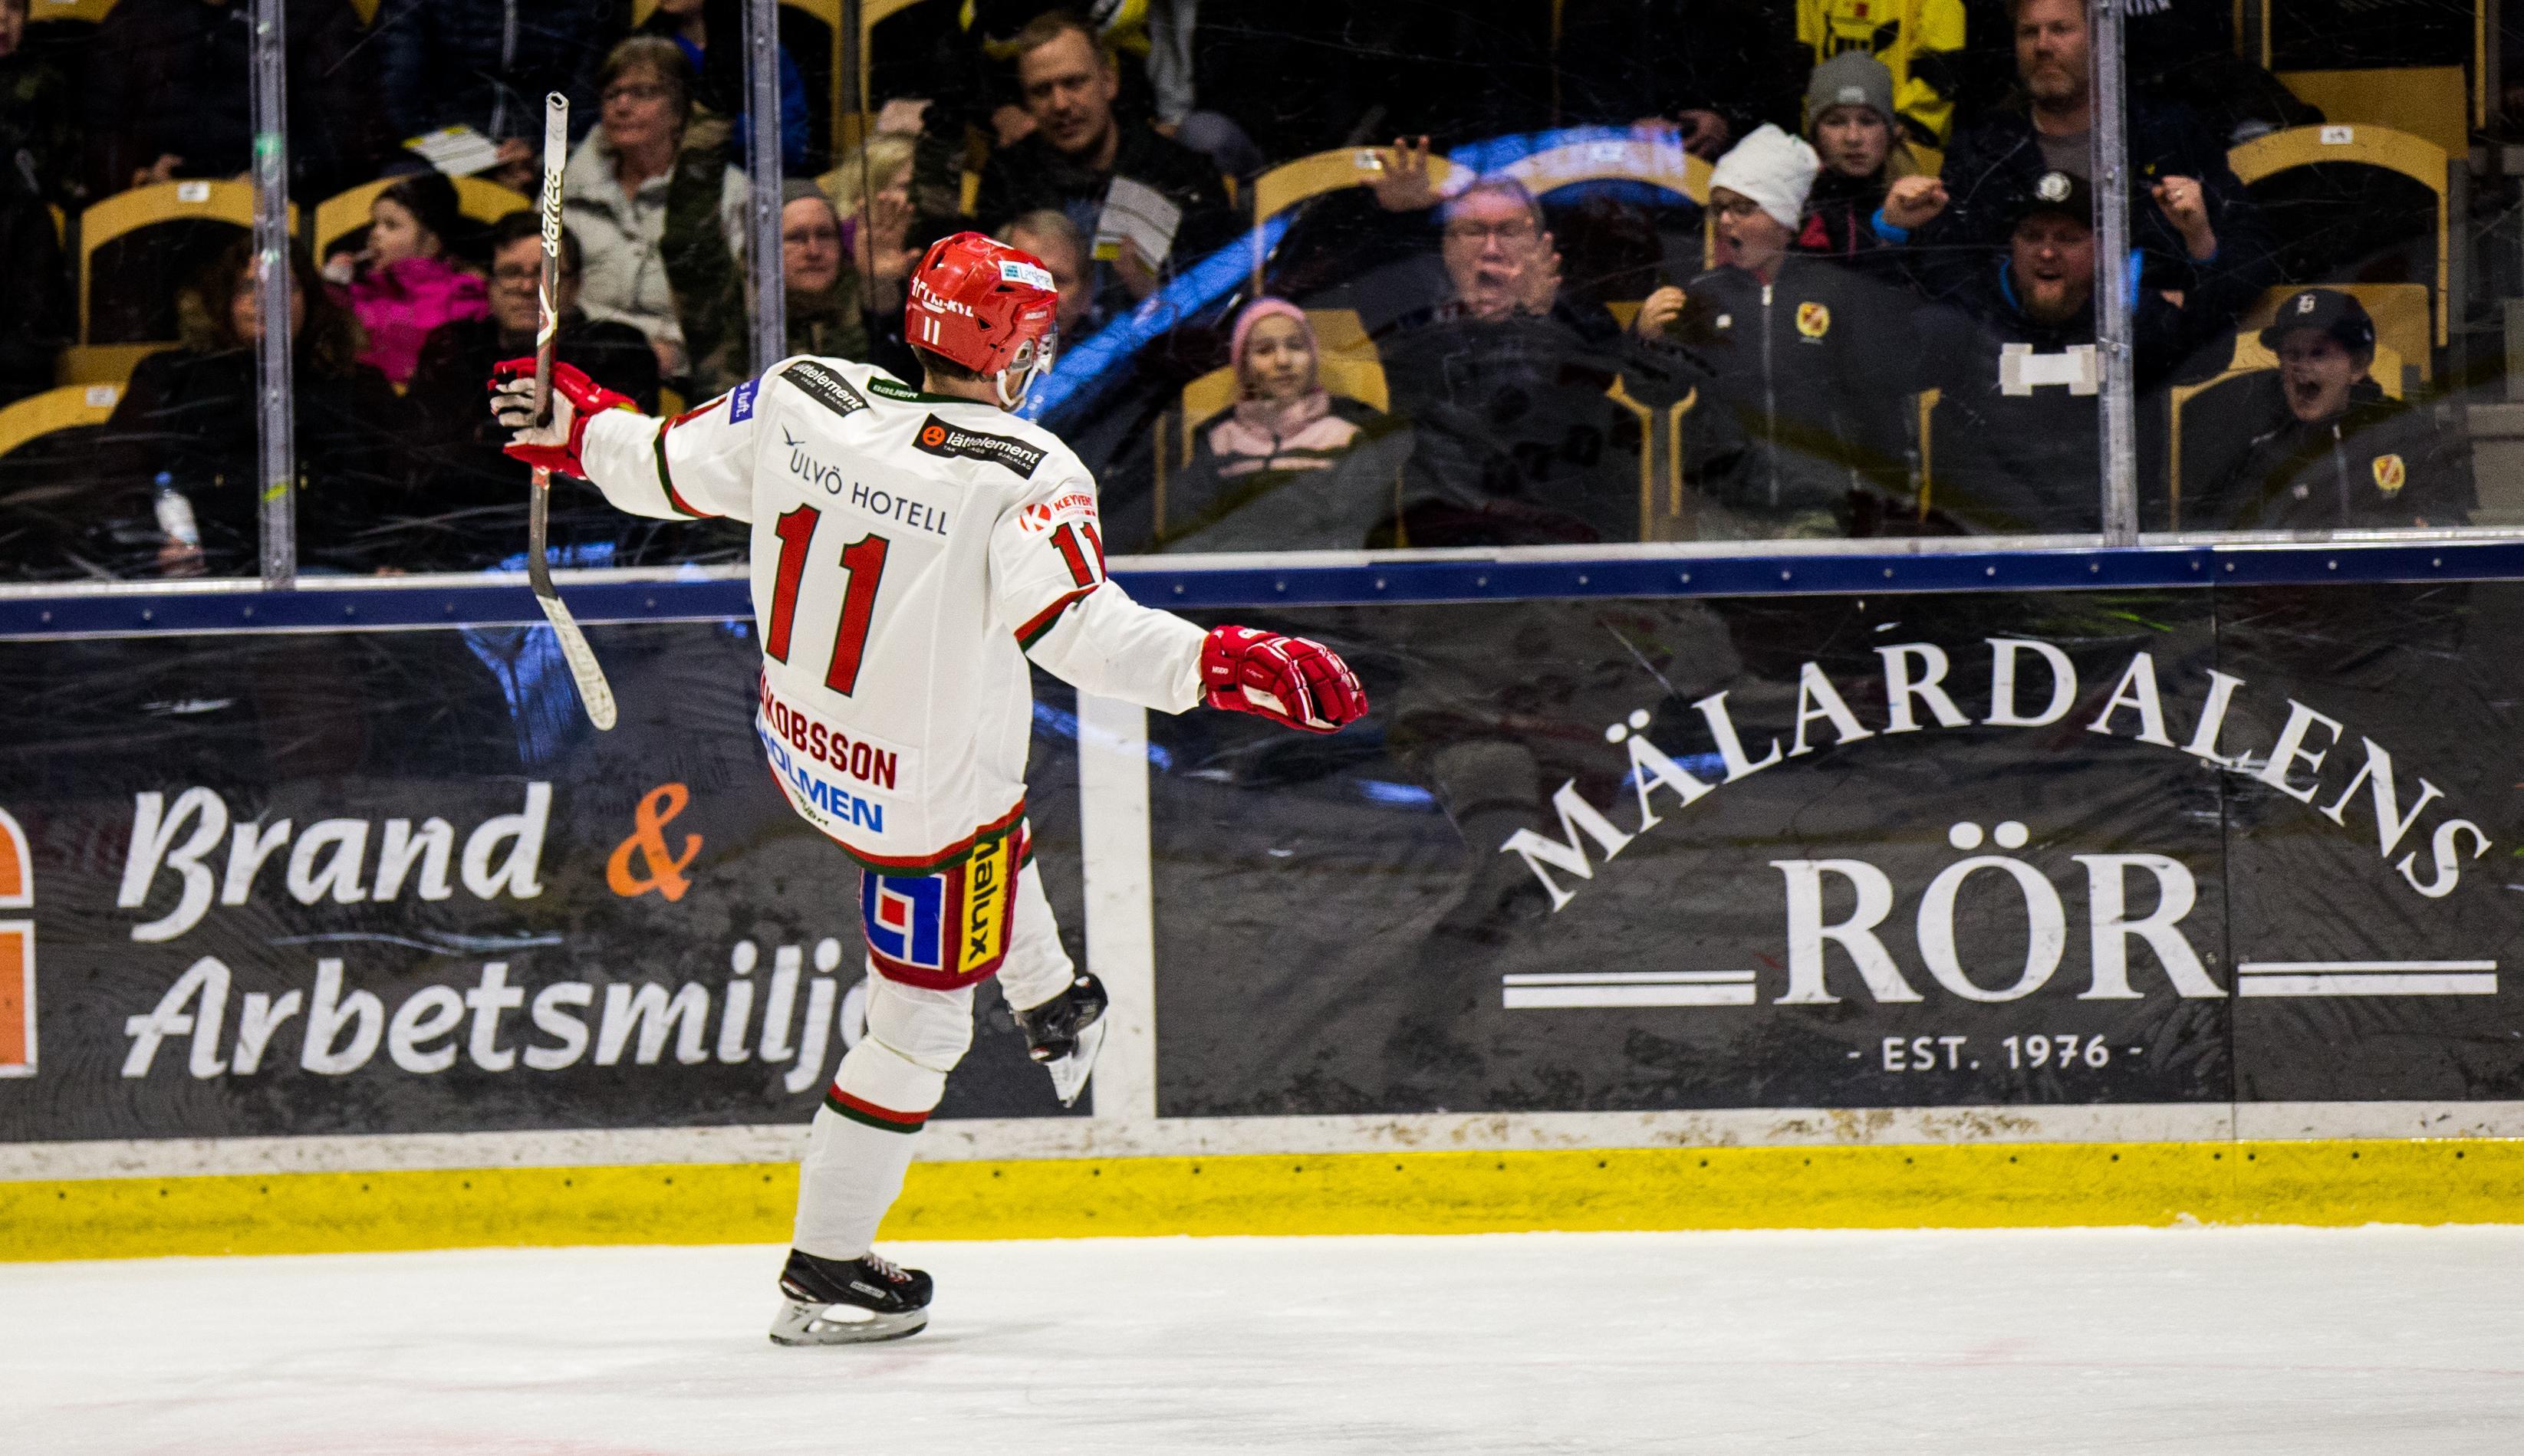 Kristian Jakobsson firar sitt 1-1-mål.